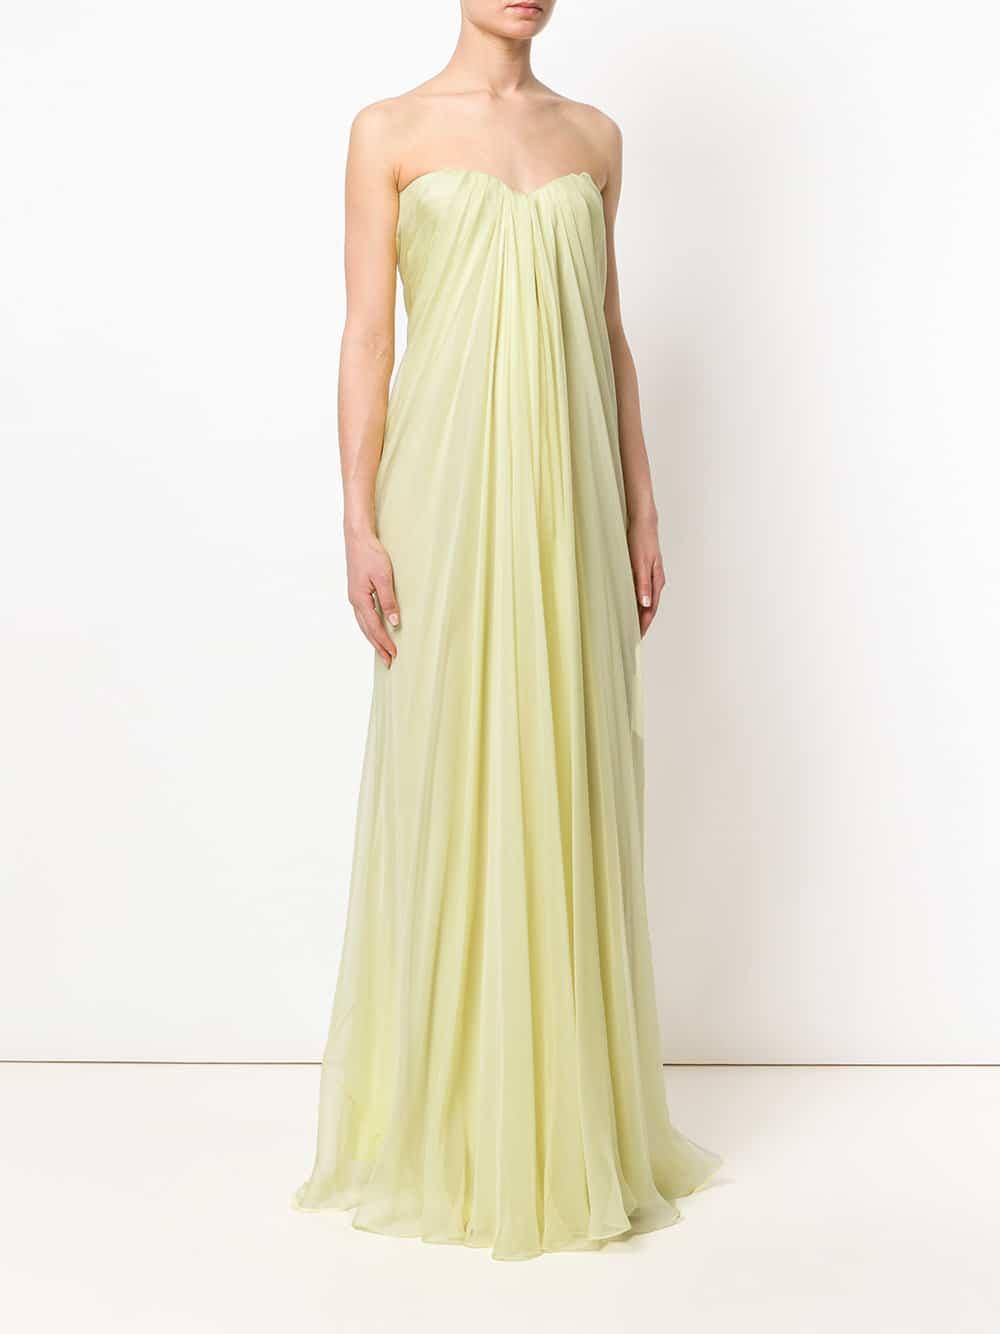 ALEXANDER MCQUEEN Draped Bustier Evening Yellow Dress - We Select ...